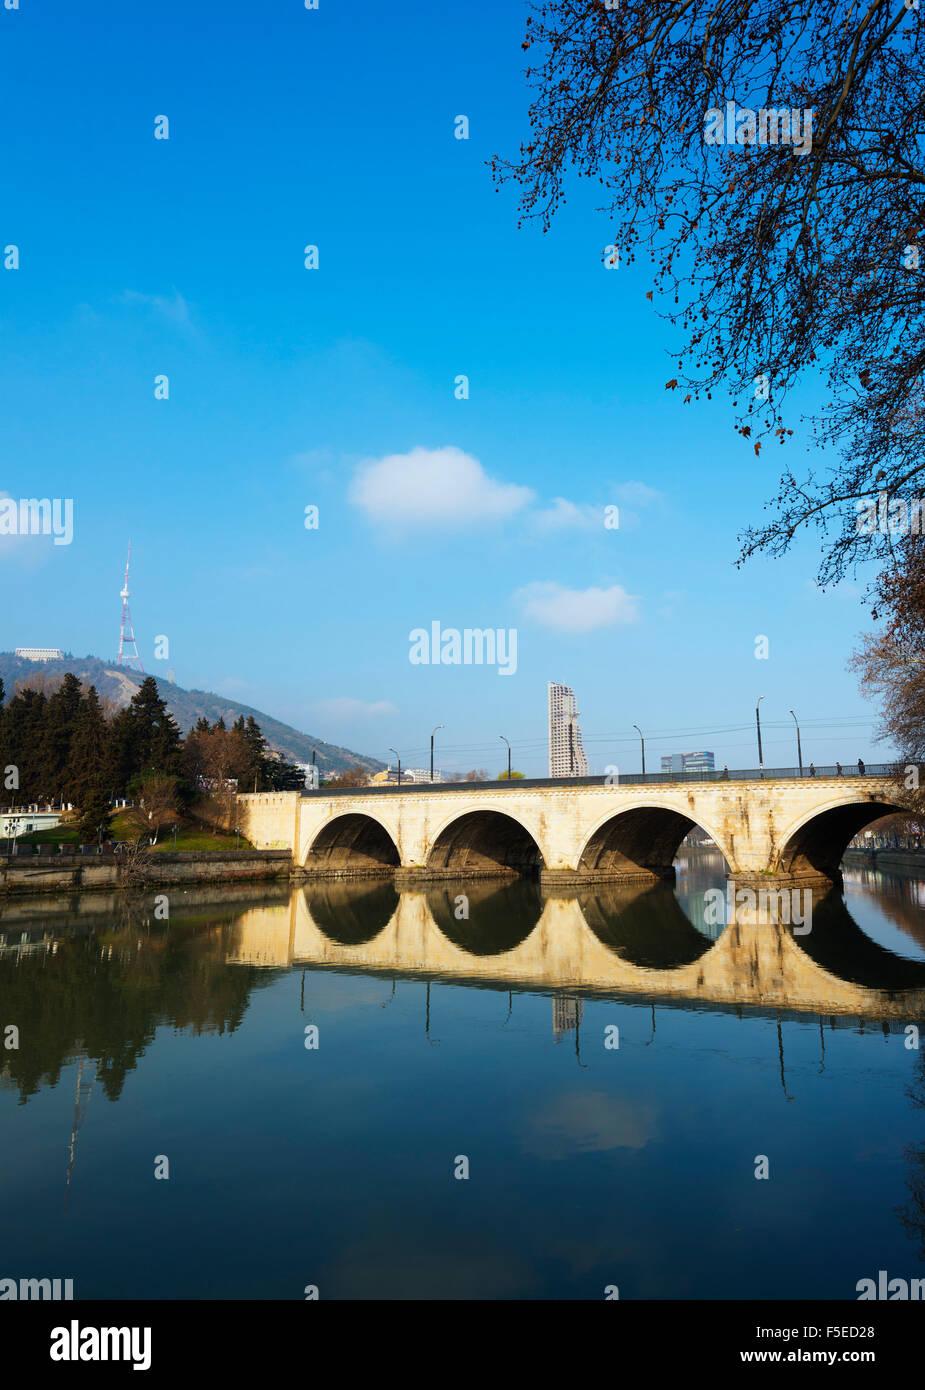 Arched bridge reflecting in Mtkvari River, Tbilisi, Georgia, Caucasus, Central Asia, Asia - Stock Image